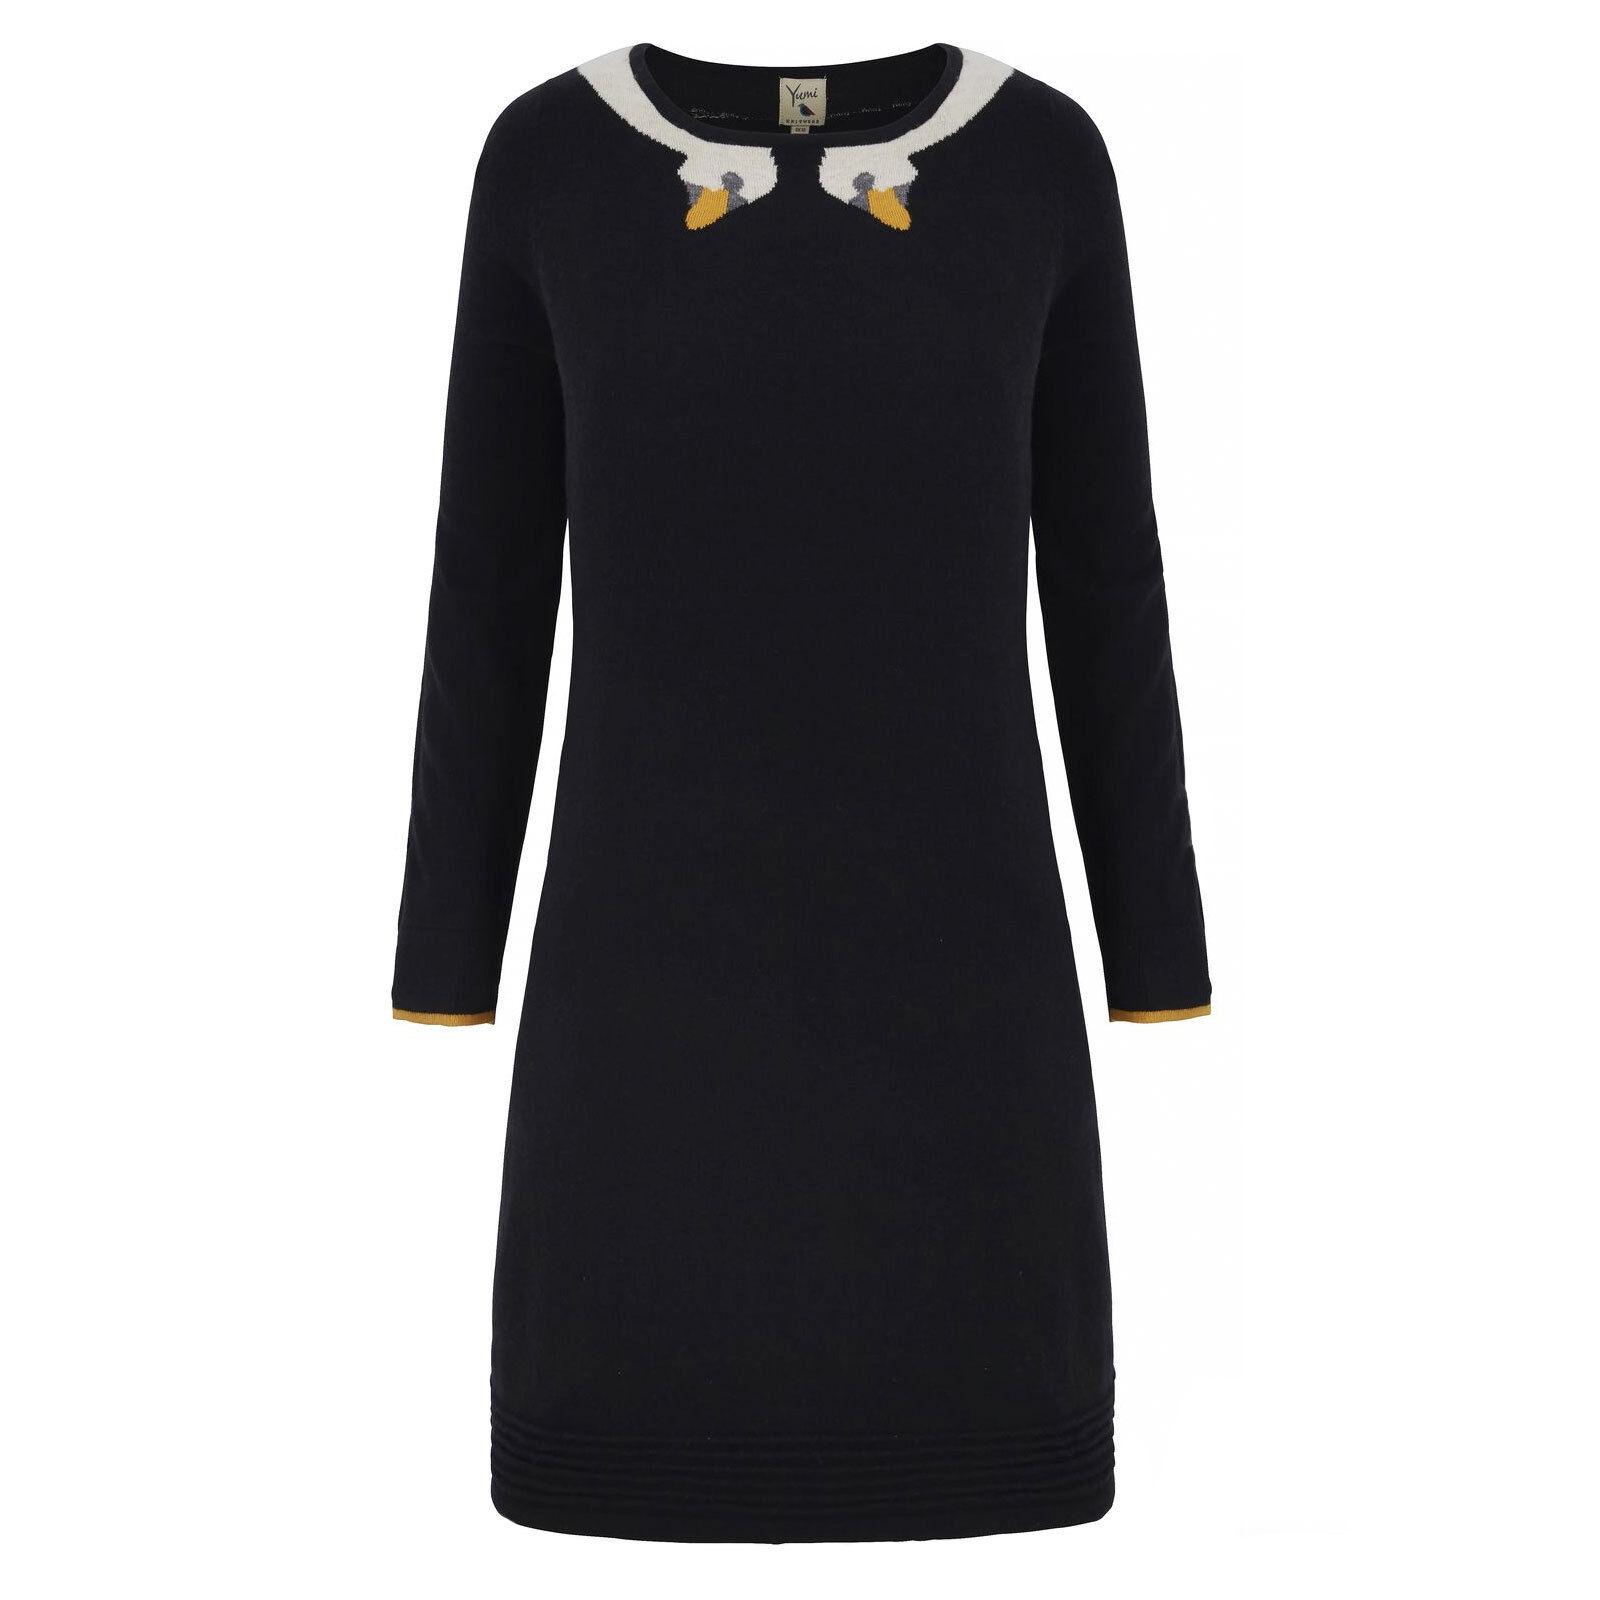 %Yumi Swan Print Print Print Kleid schwarz S-M (Uk10-12) | Schönes Aussehen  | Feinen Qualität  | Up-to-date-styling  c4792f